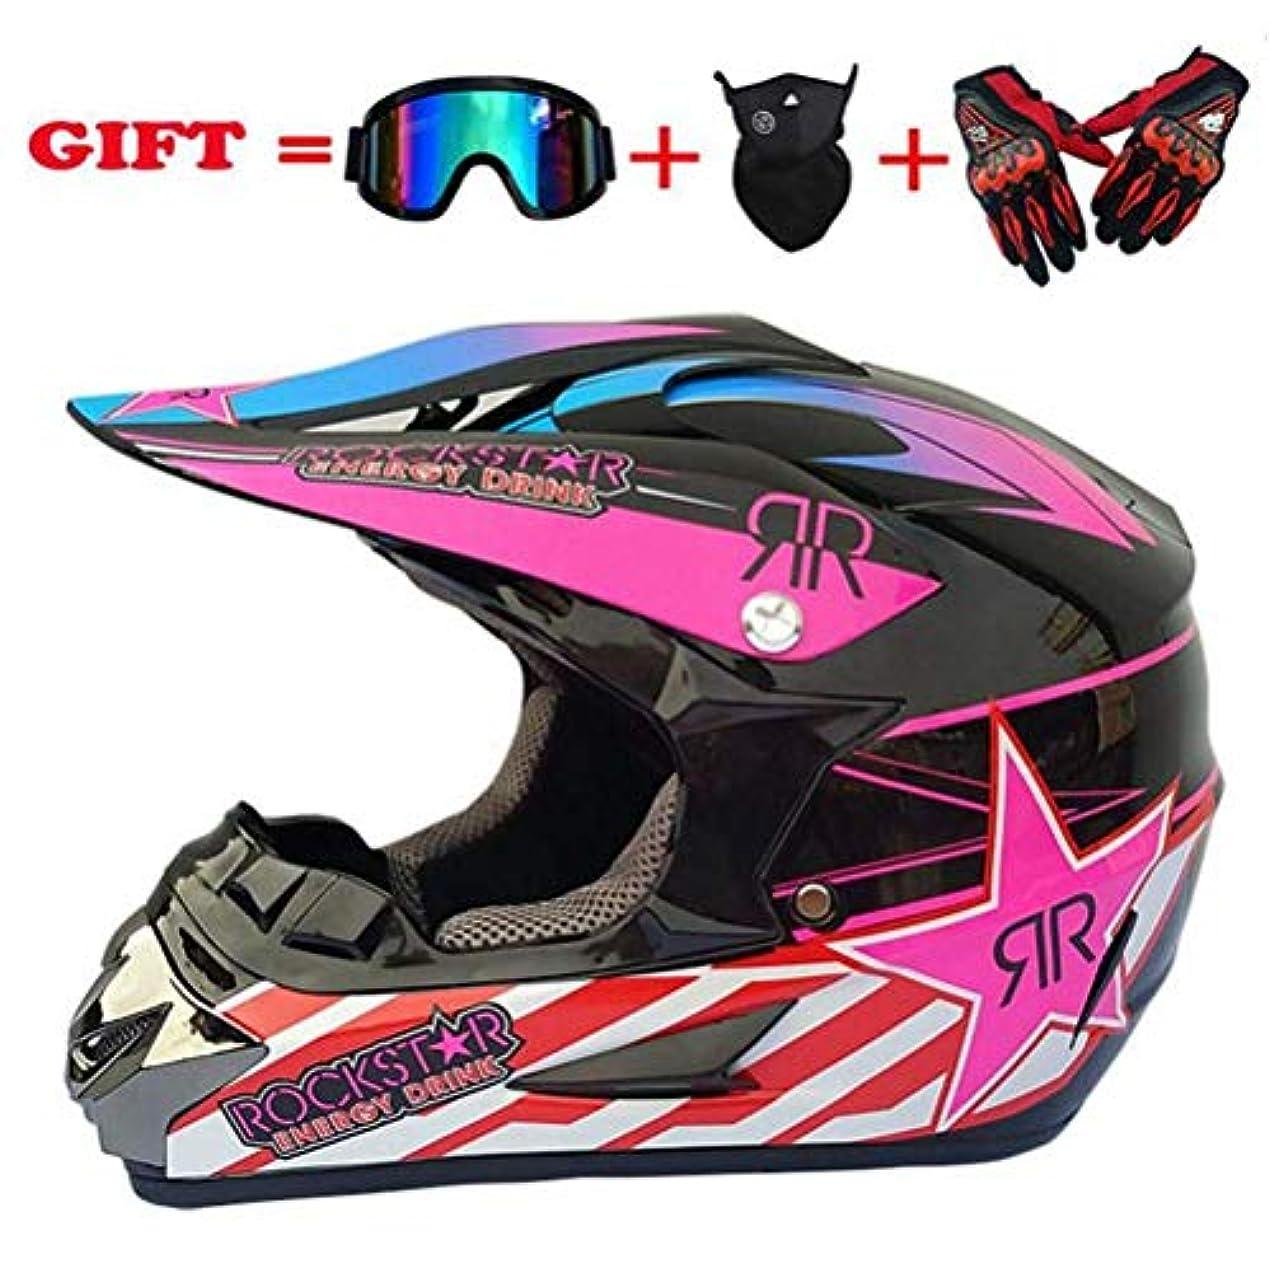 チョーク完了実際アダルトモトクロスオートバイヘルメットとオフロードアダルトMXモトクロス(手袋、メガネ、マスク、4個セット) - エネルギー評価A